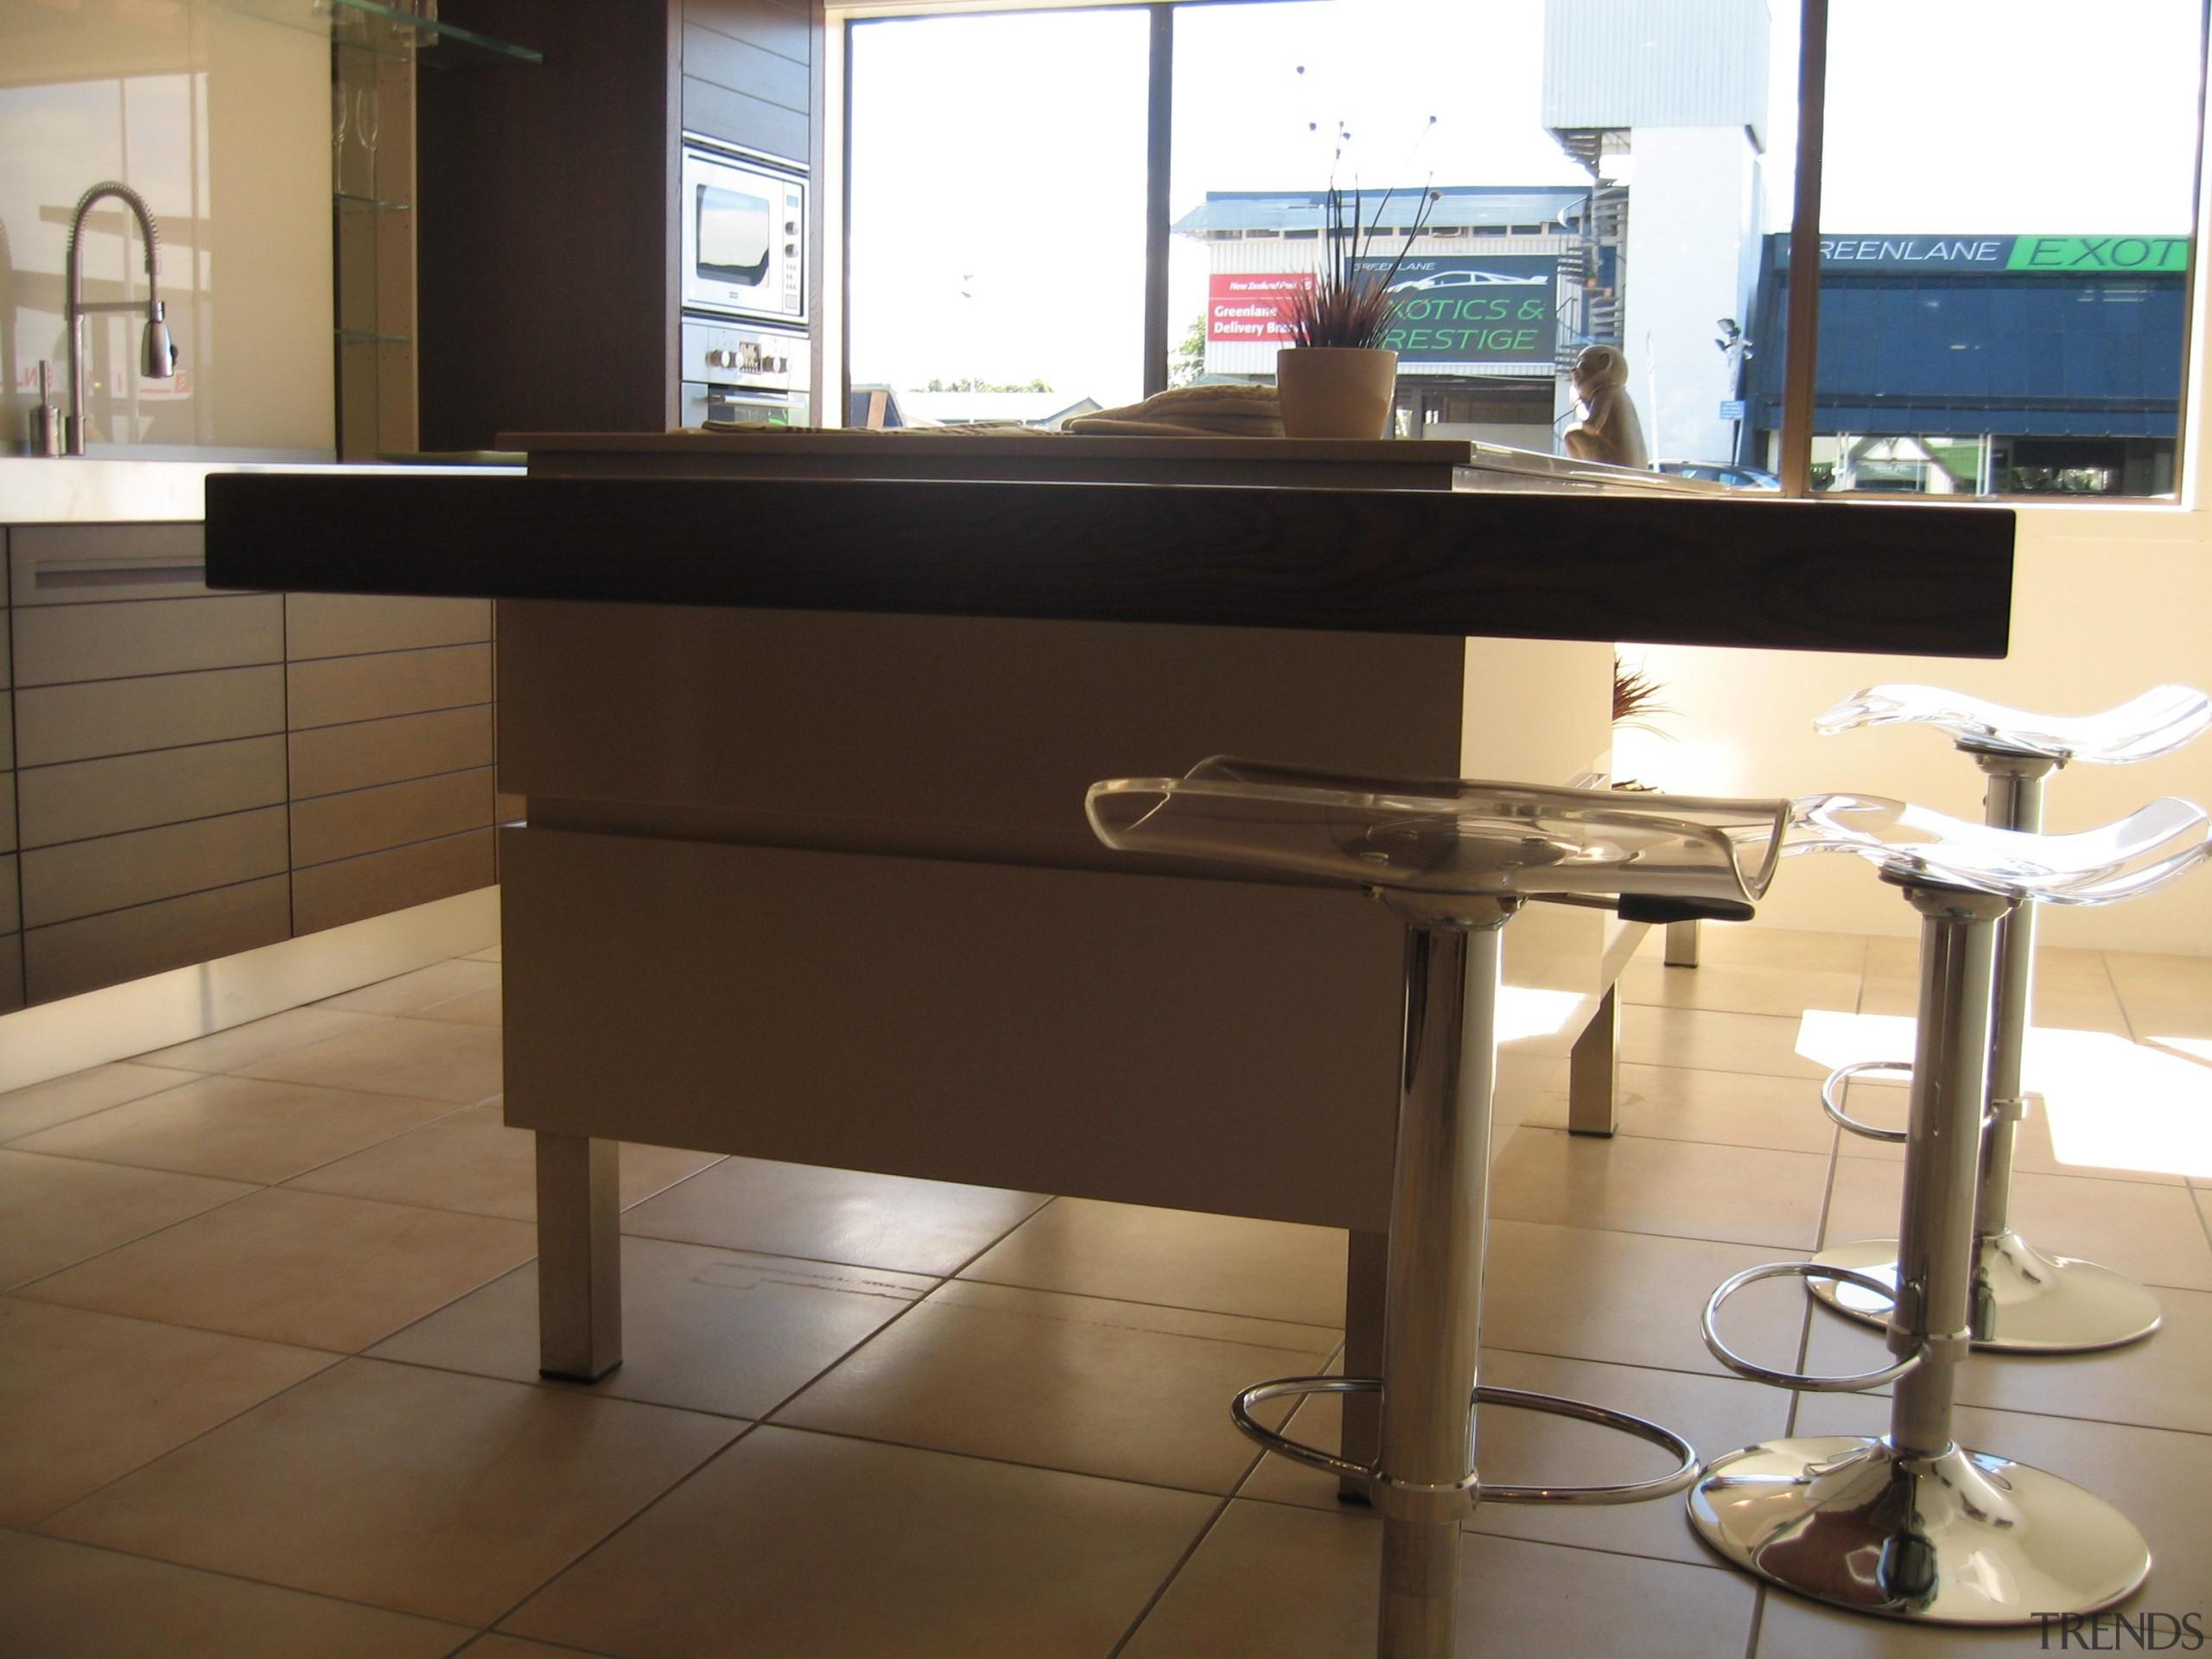 Greenlane - countertop | desk | floor | countertop, desk, floor, flooring, furniture, kitchen, table, black, brown